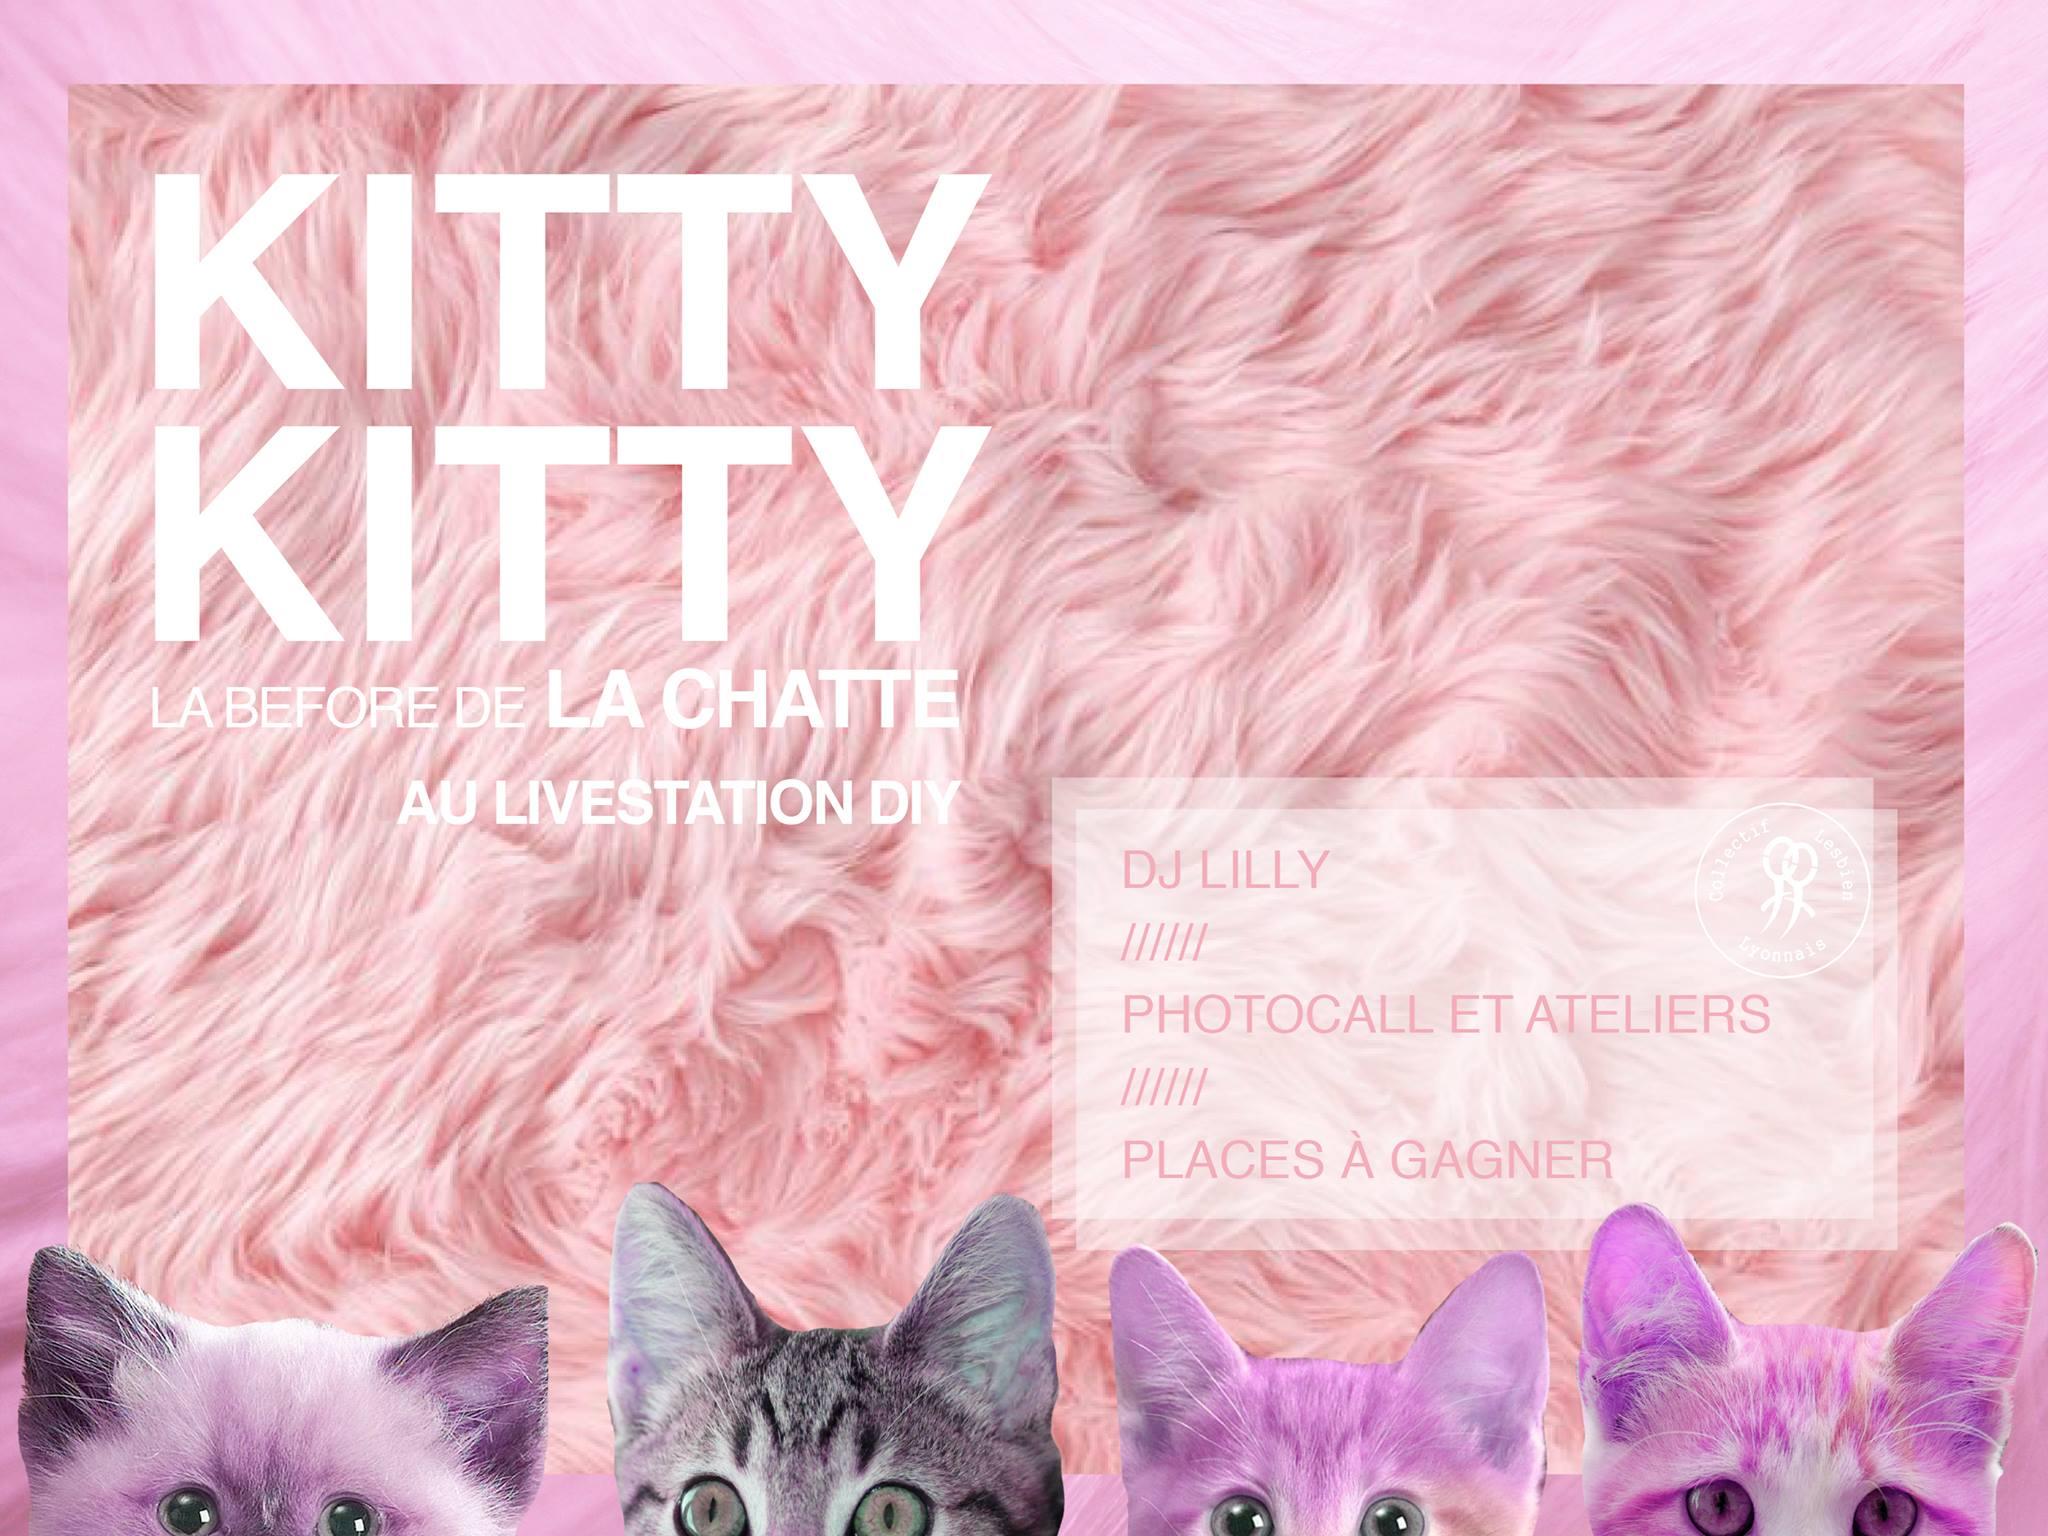 KITTY² – Before officielle de LA CHATTE : vendredi 7 février